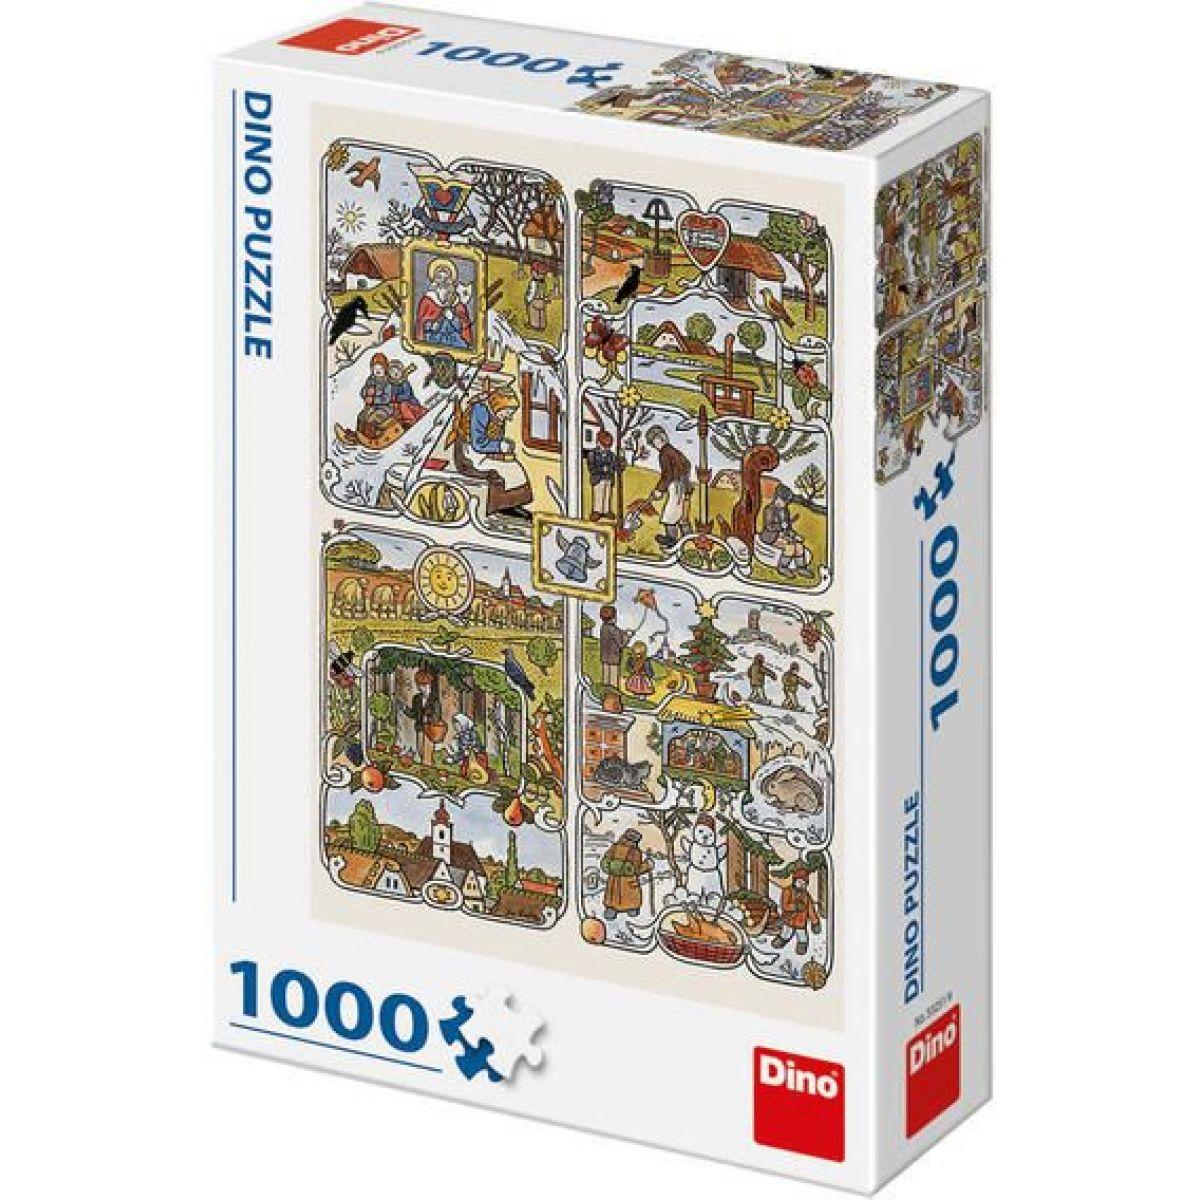 Dino Josef Lada Ročné obdobia puzzle 1000 dielikov